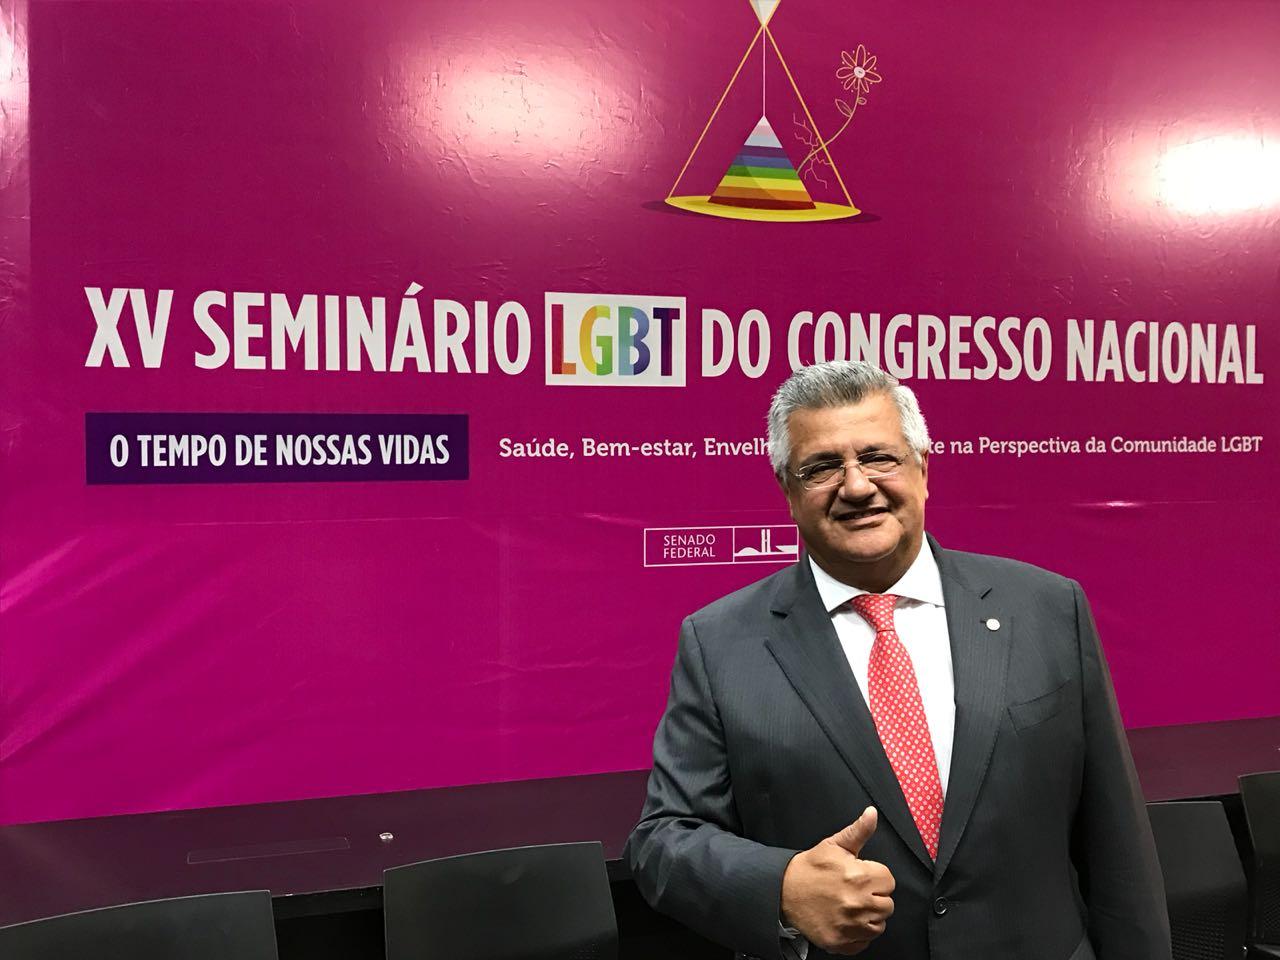 Bacelar cobra dados oficiais sobre idosos LGBTI